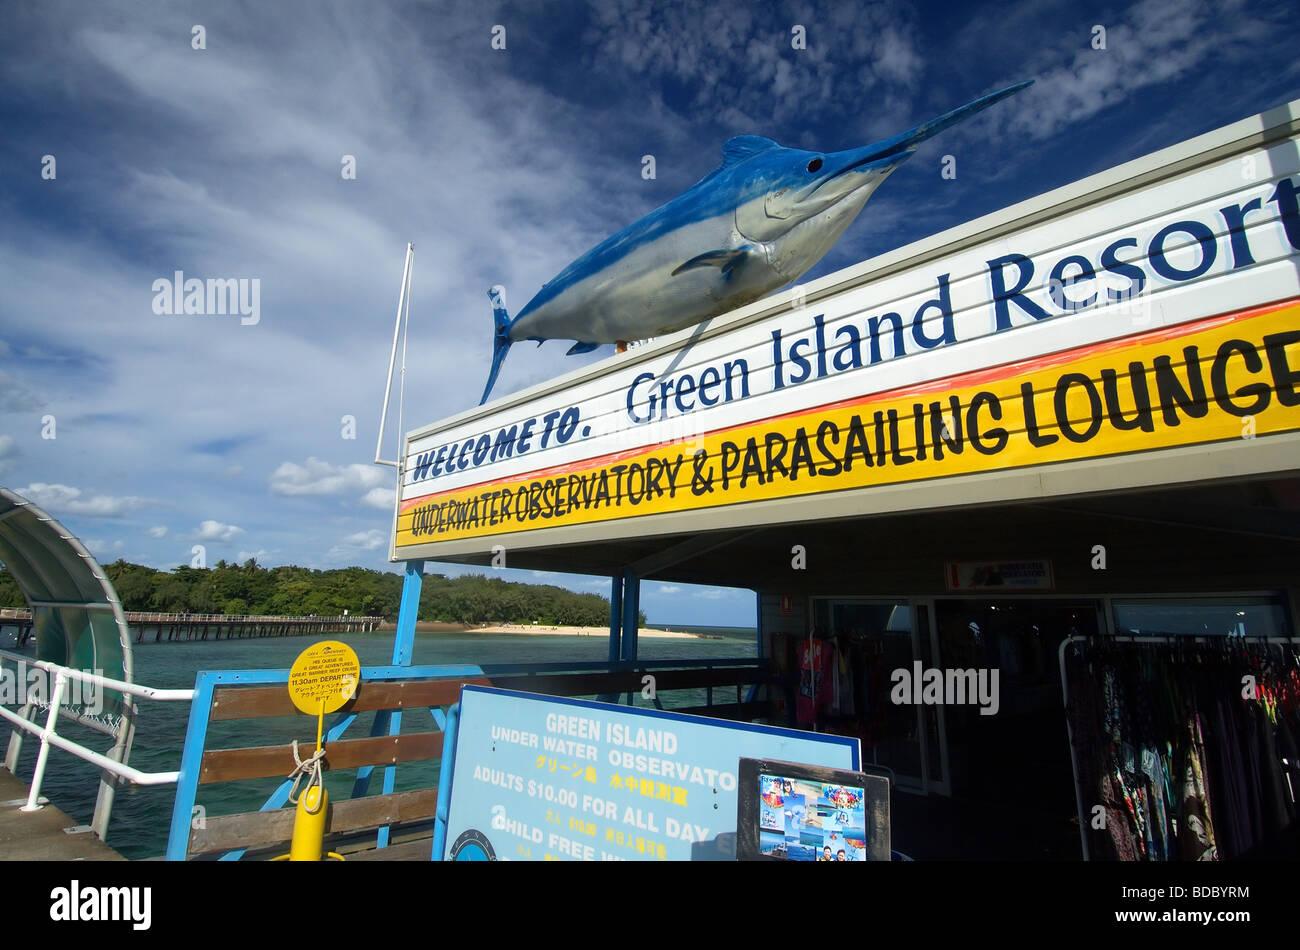 Green Island Resort Jetty Near Cairns Queensland